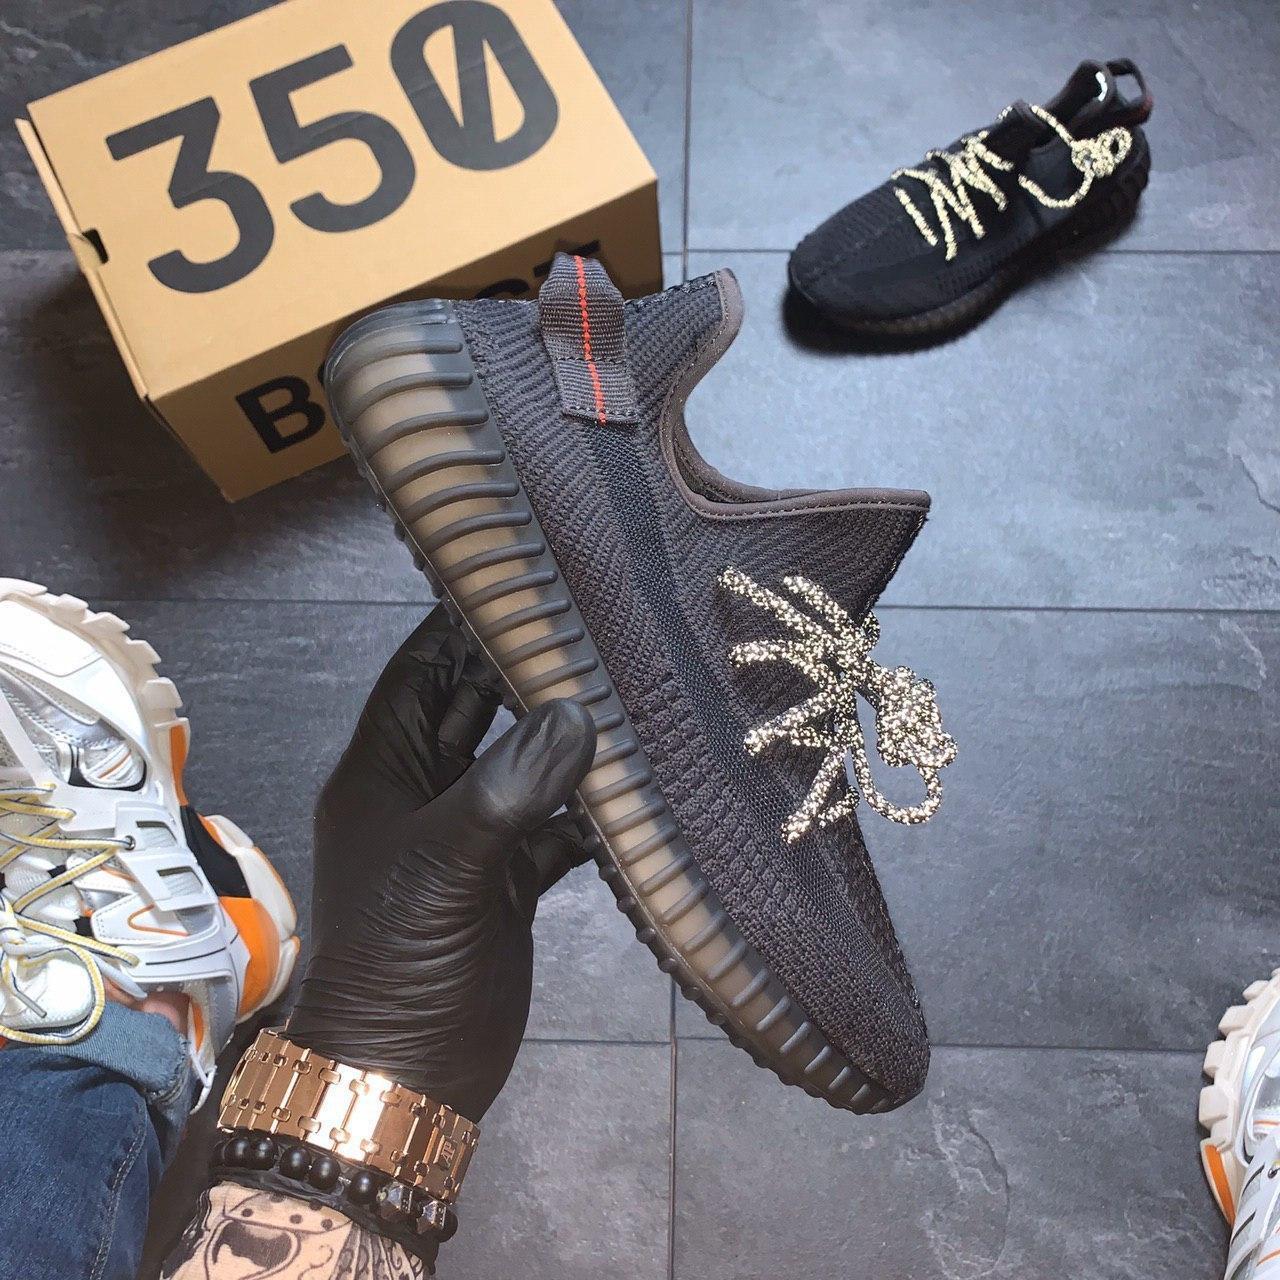 Кроссовки Adidas Yeezy Boost 350 V2 Triple Black черные рефлектив 🔥 Адидас женские кроссовки рефлективные 🔥